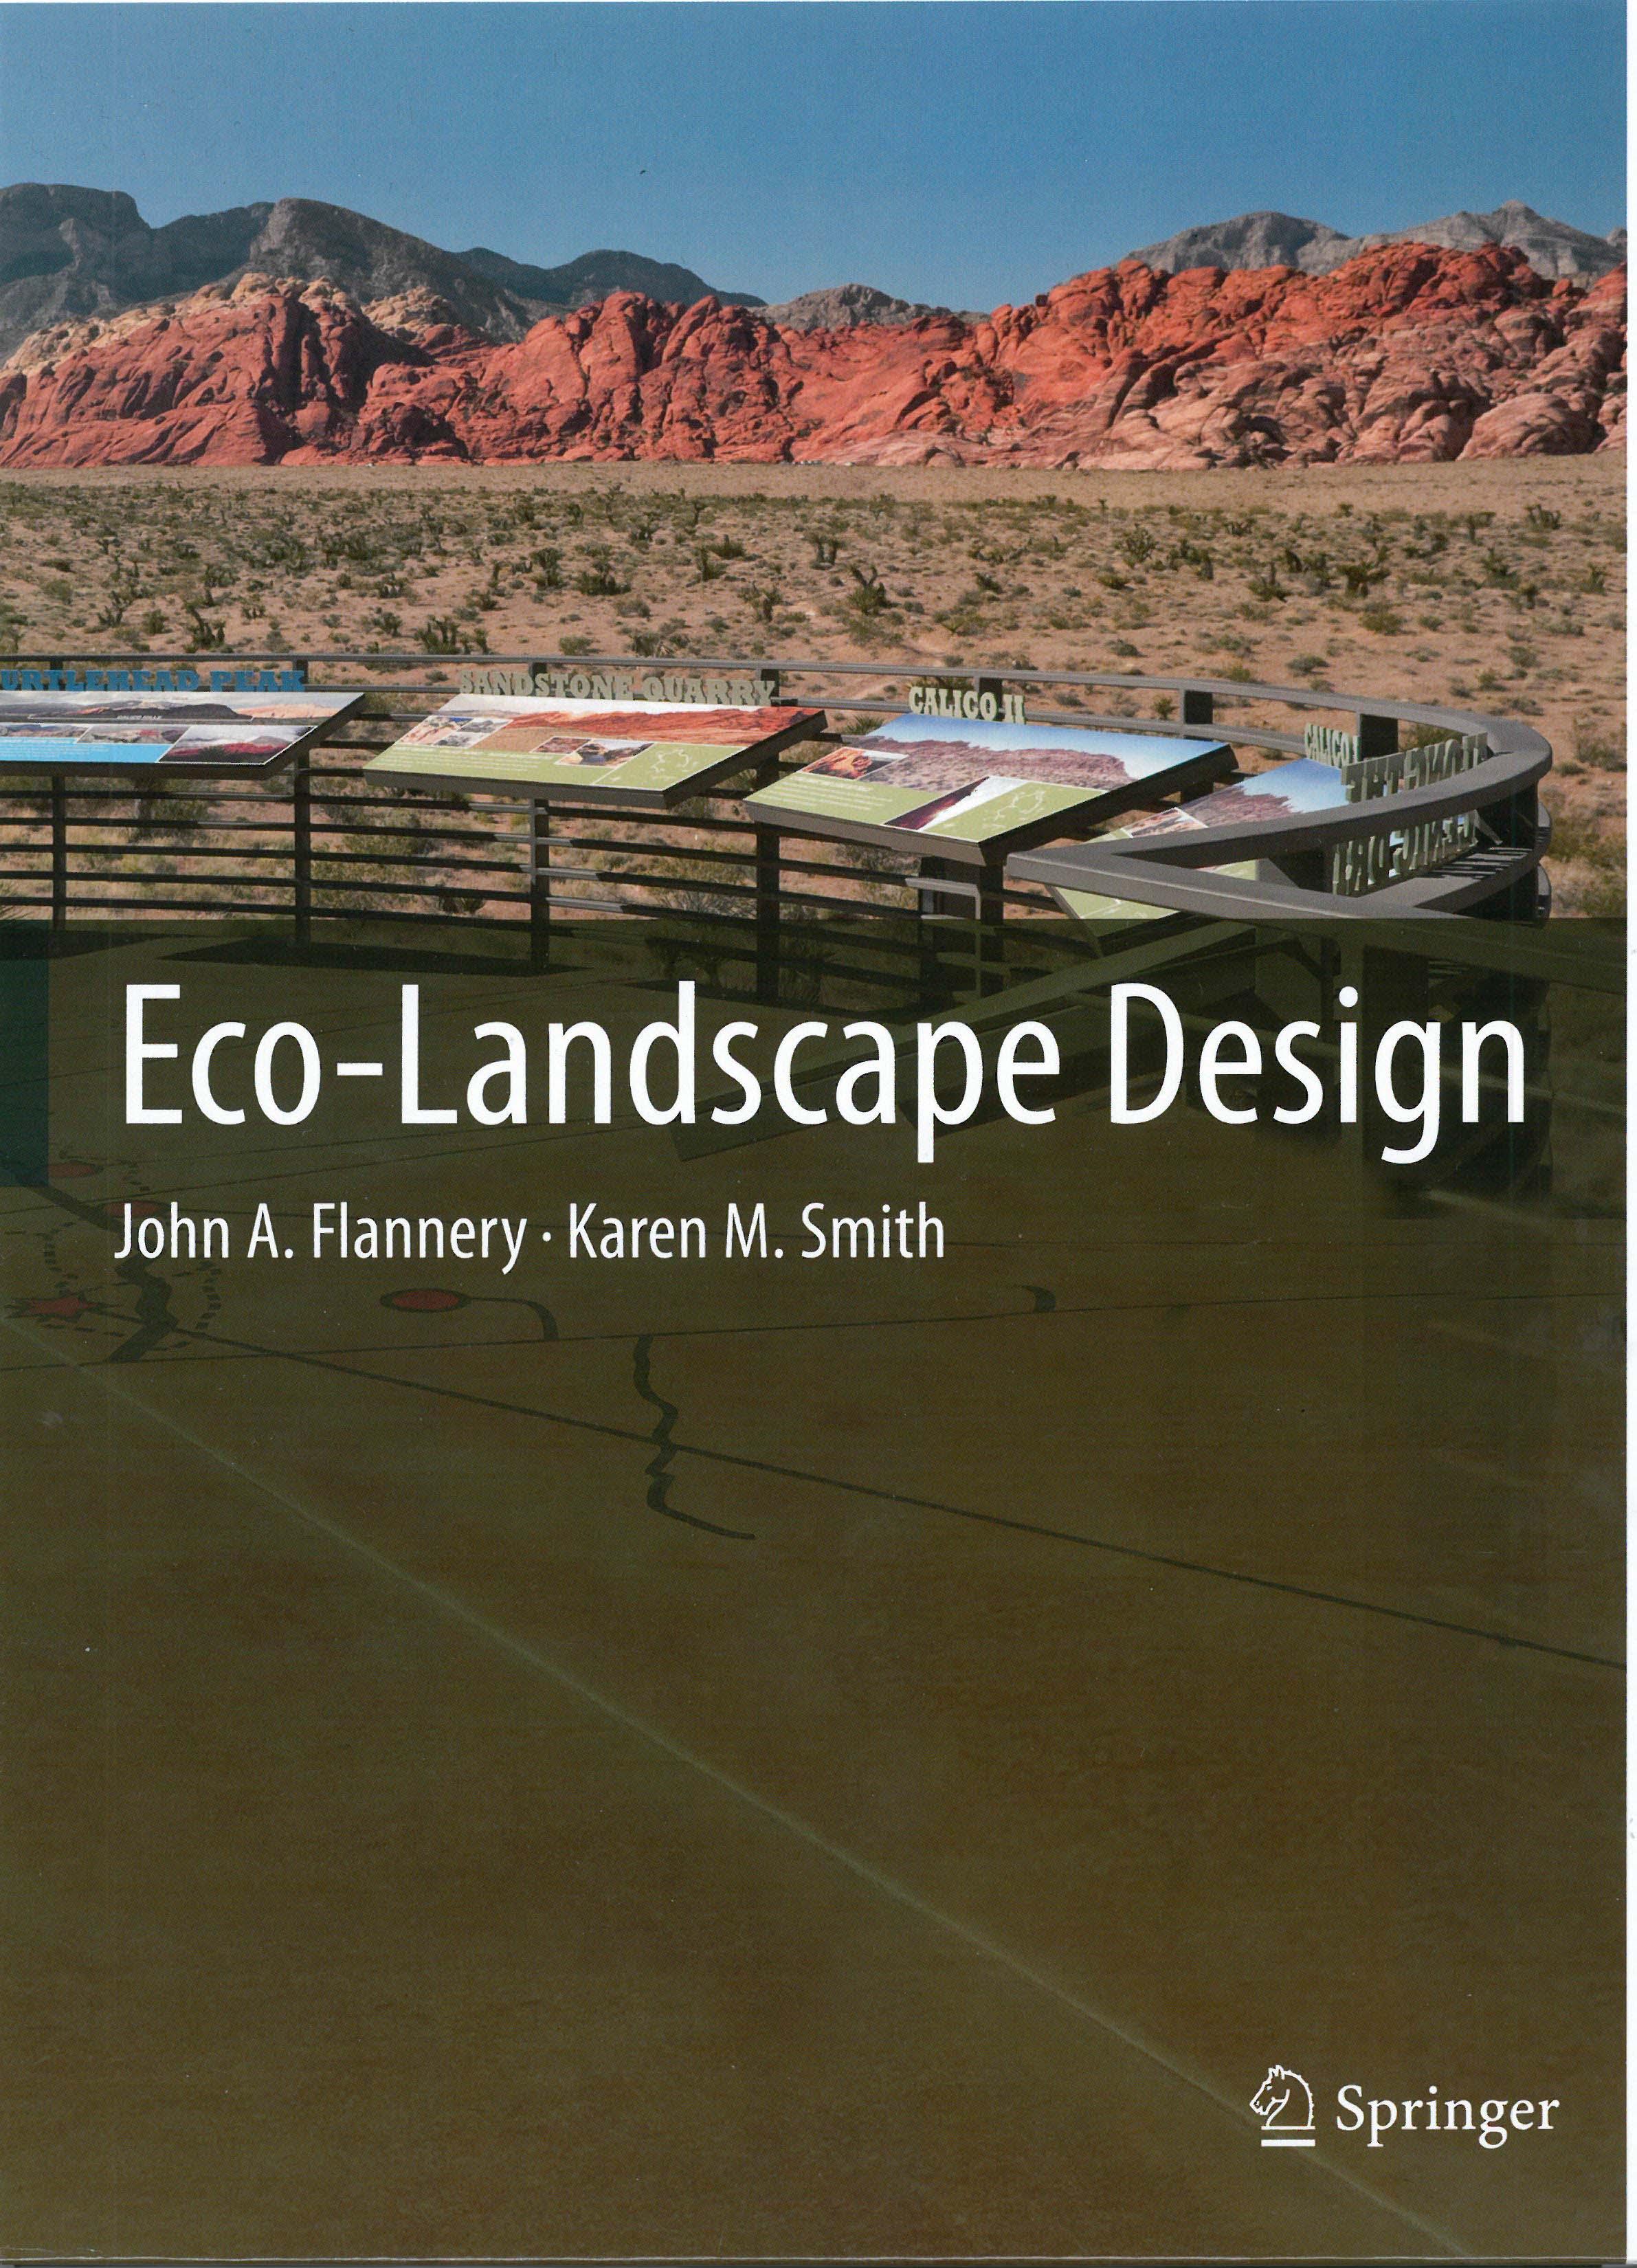 Eco-Landscape Design_cover.jpg